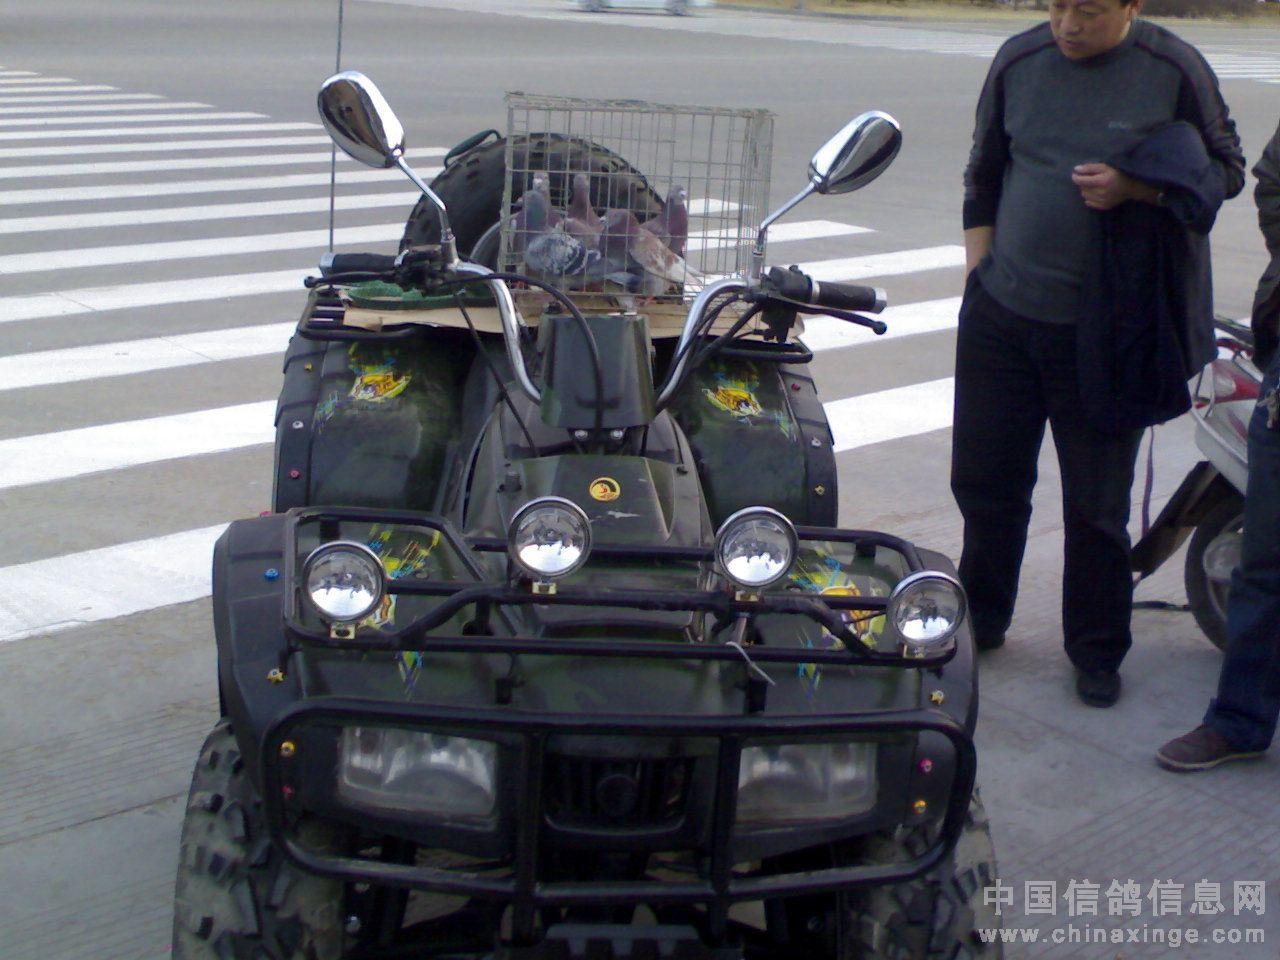 牛车一族-革命圣地延安150公里集鸽图片 老兵鸽舍图片